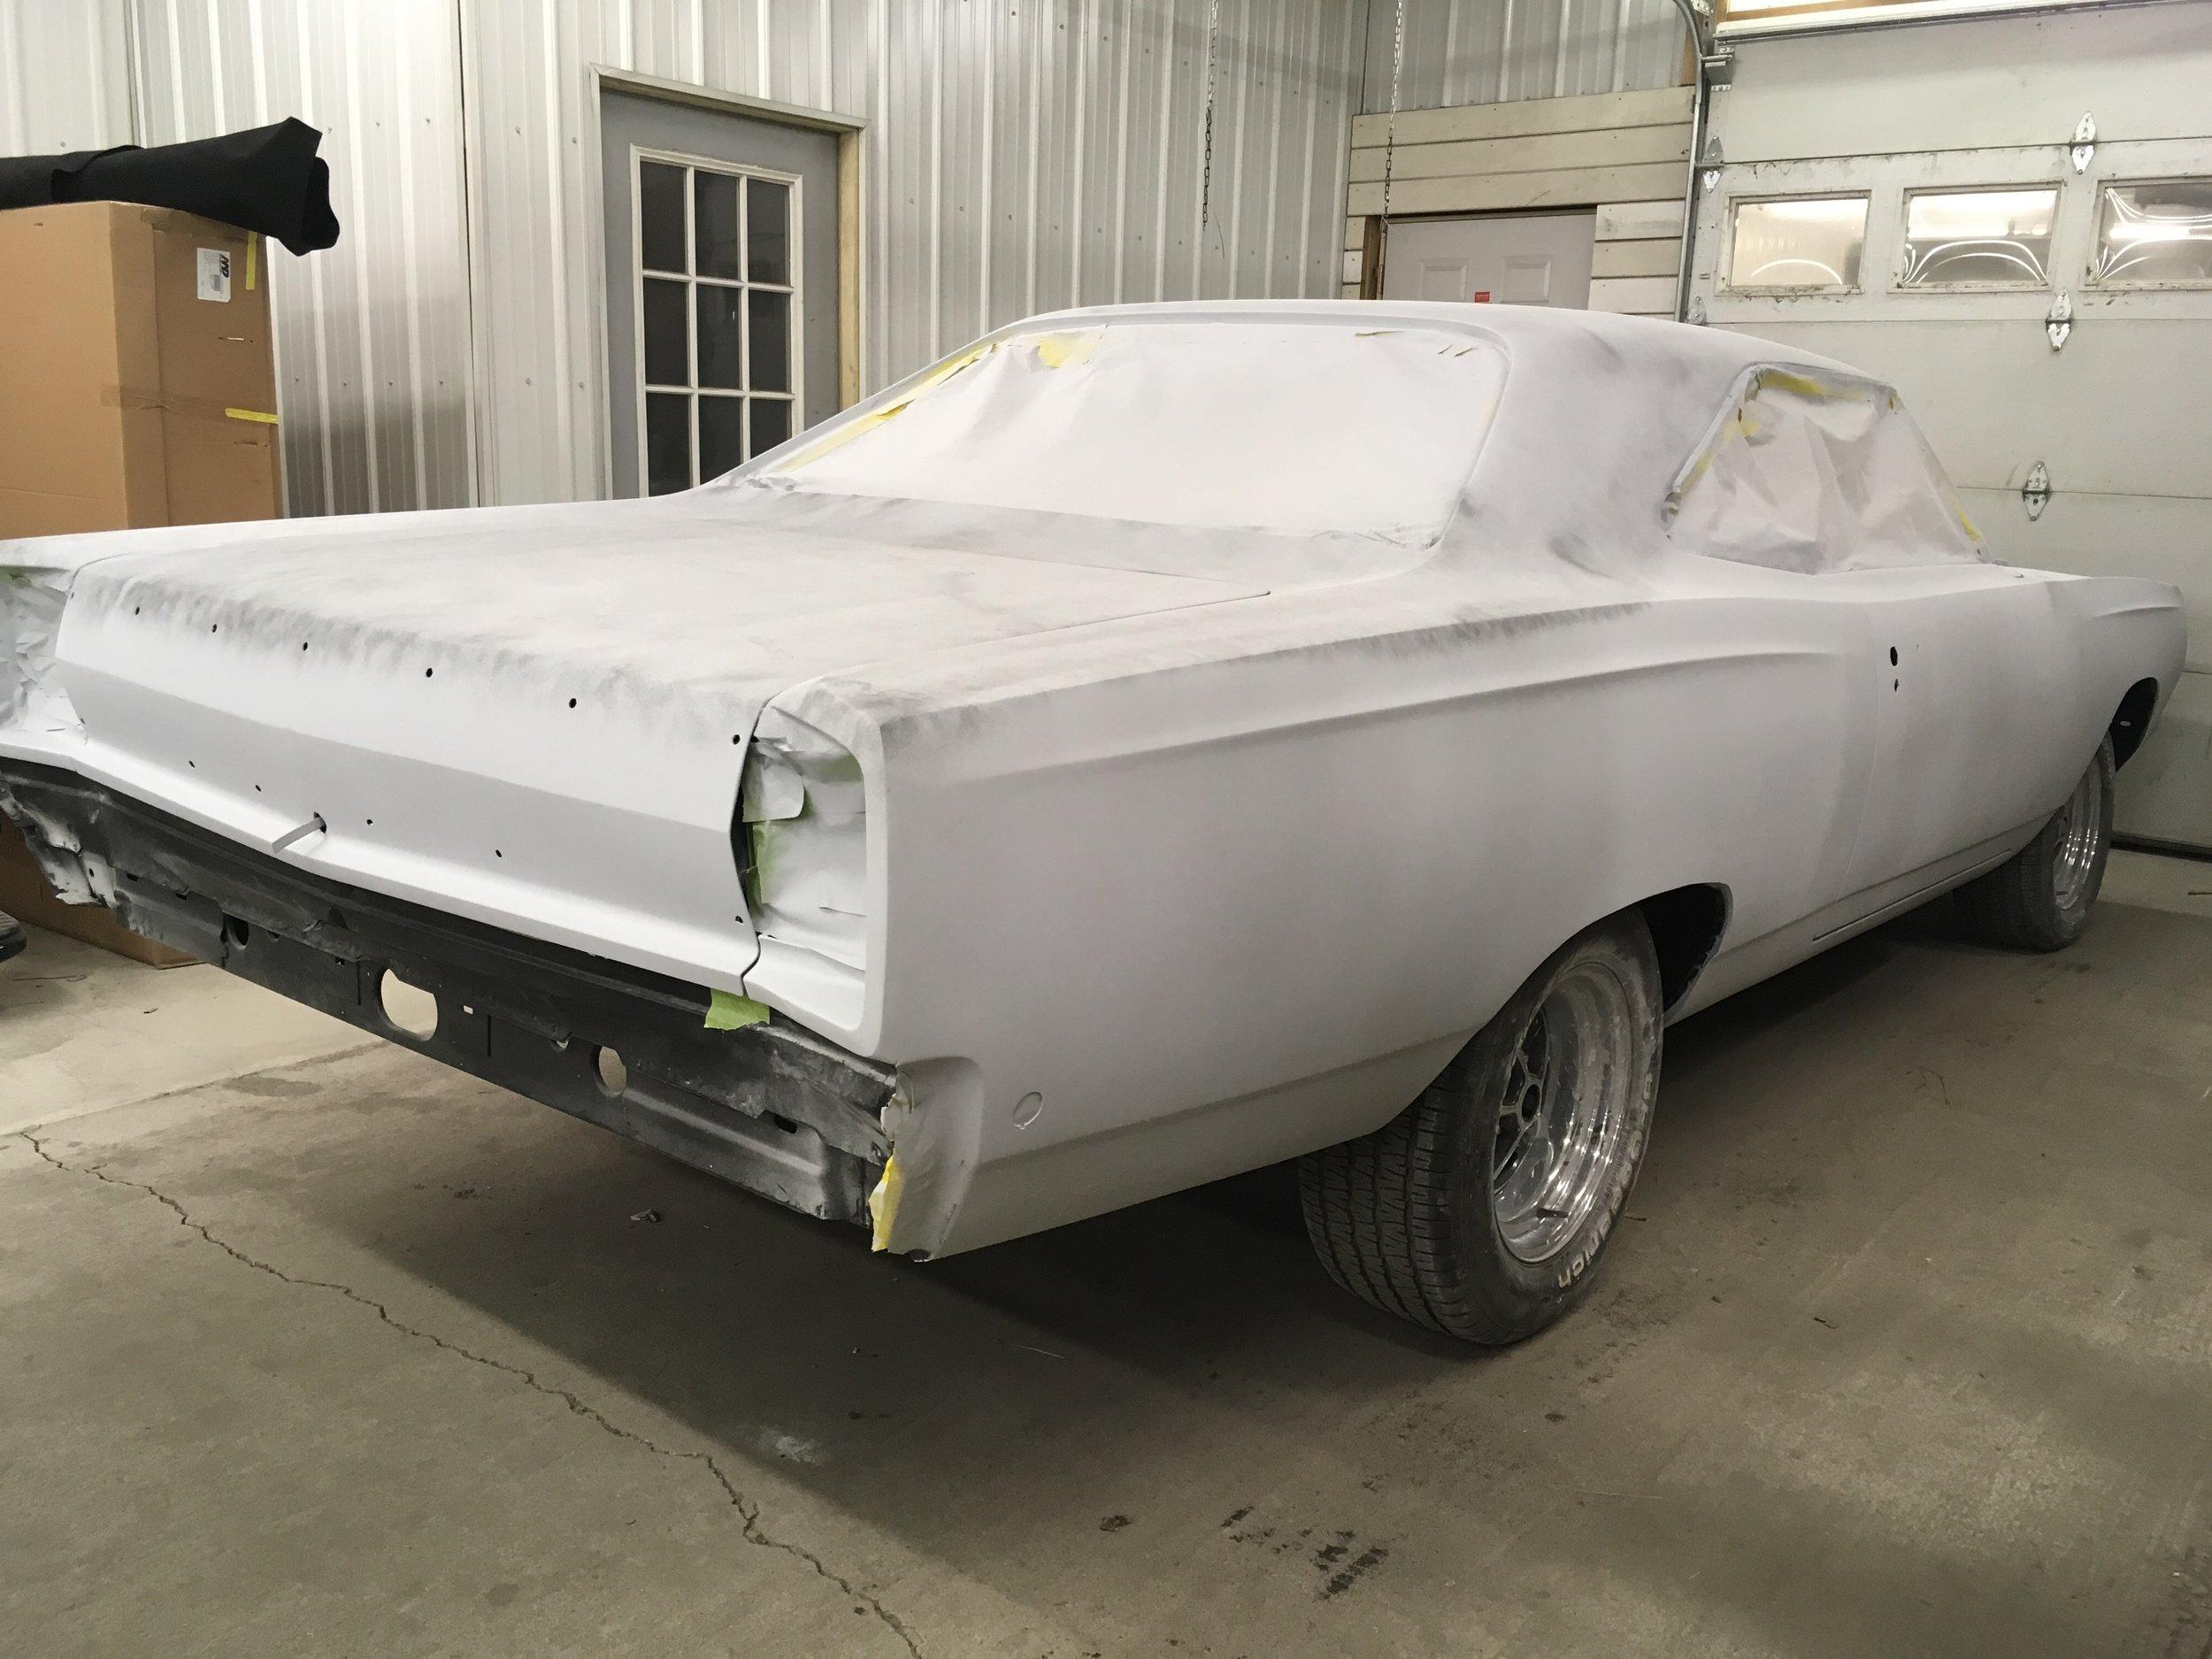 1968-Plymouth-GTX-minneapolis-custom-built-hot-rod-restoration-primed.jpg